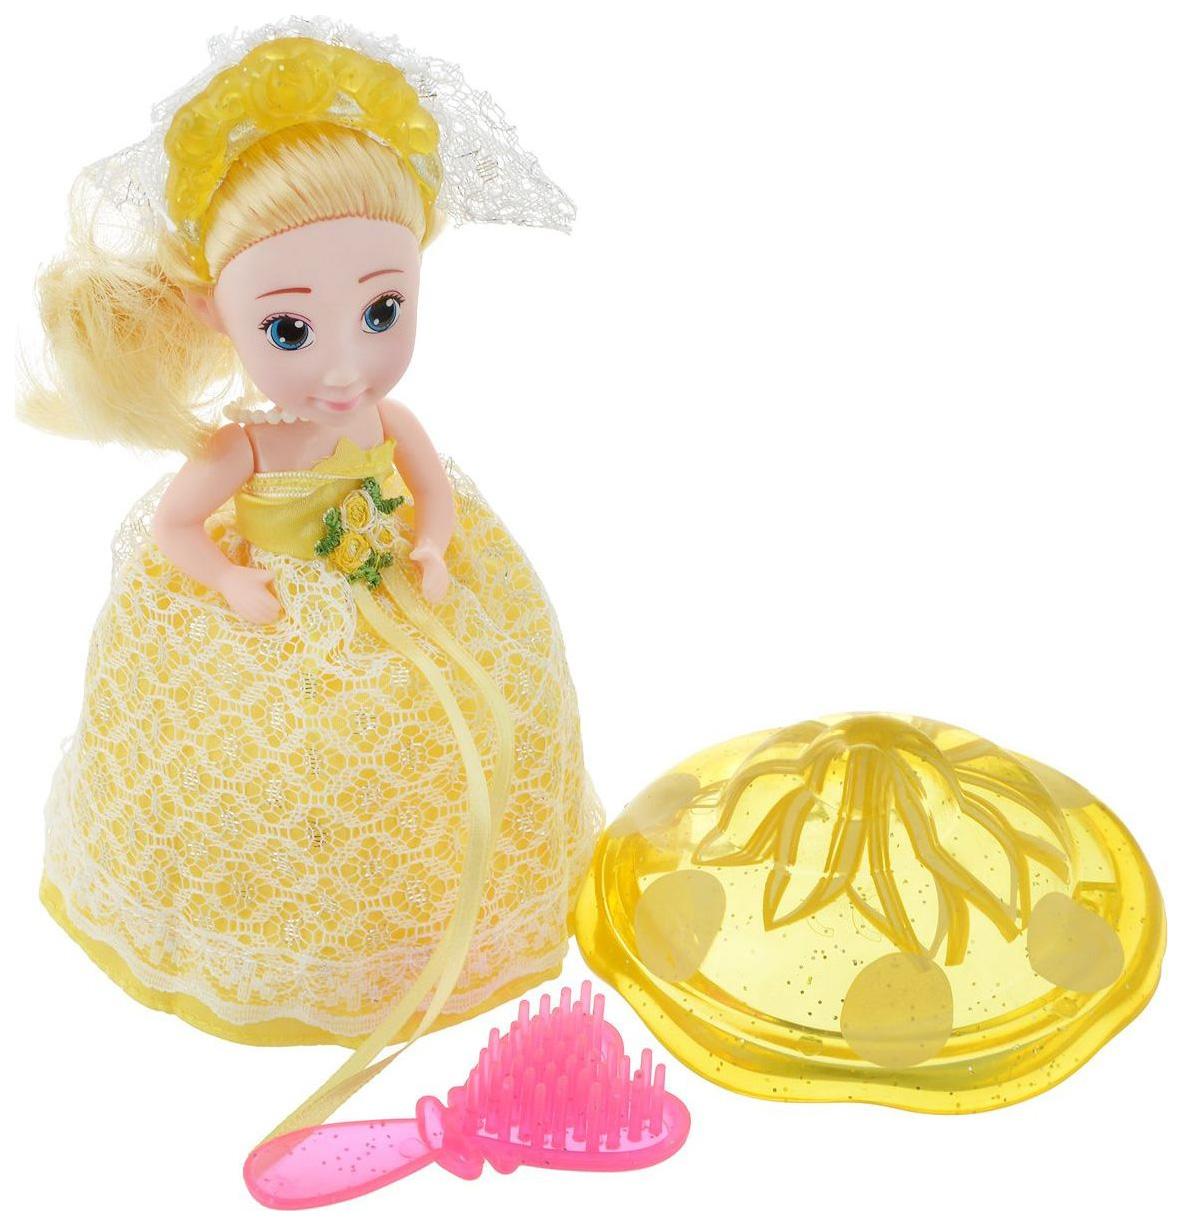 Купить Кукла-капкейк Emco Cupcake Surprise Невестa 1105, Классические куклы